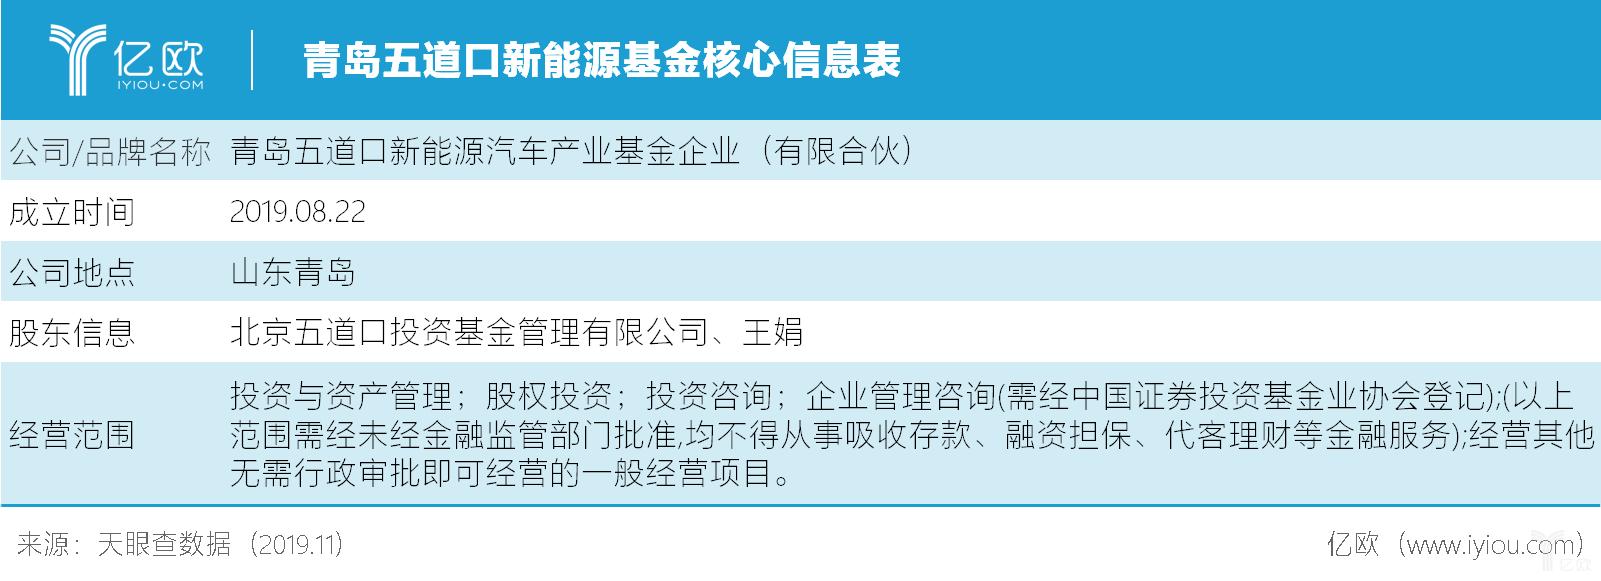 青岛五道口新能源基金核心信息